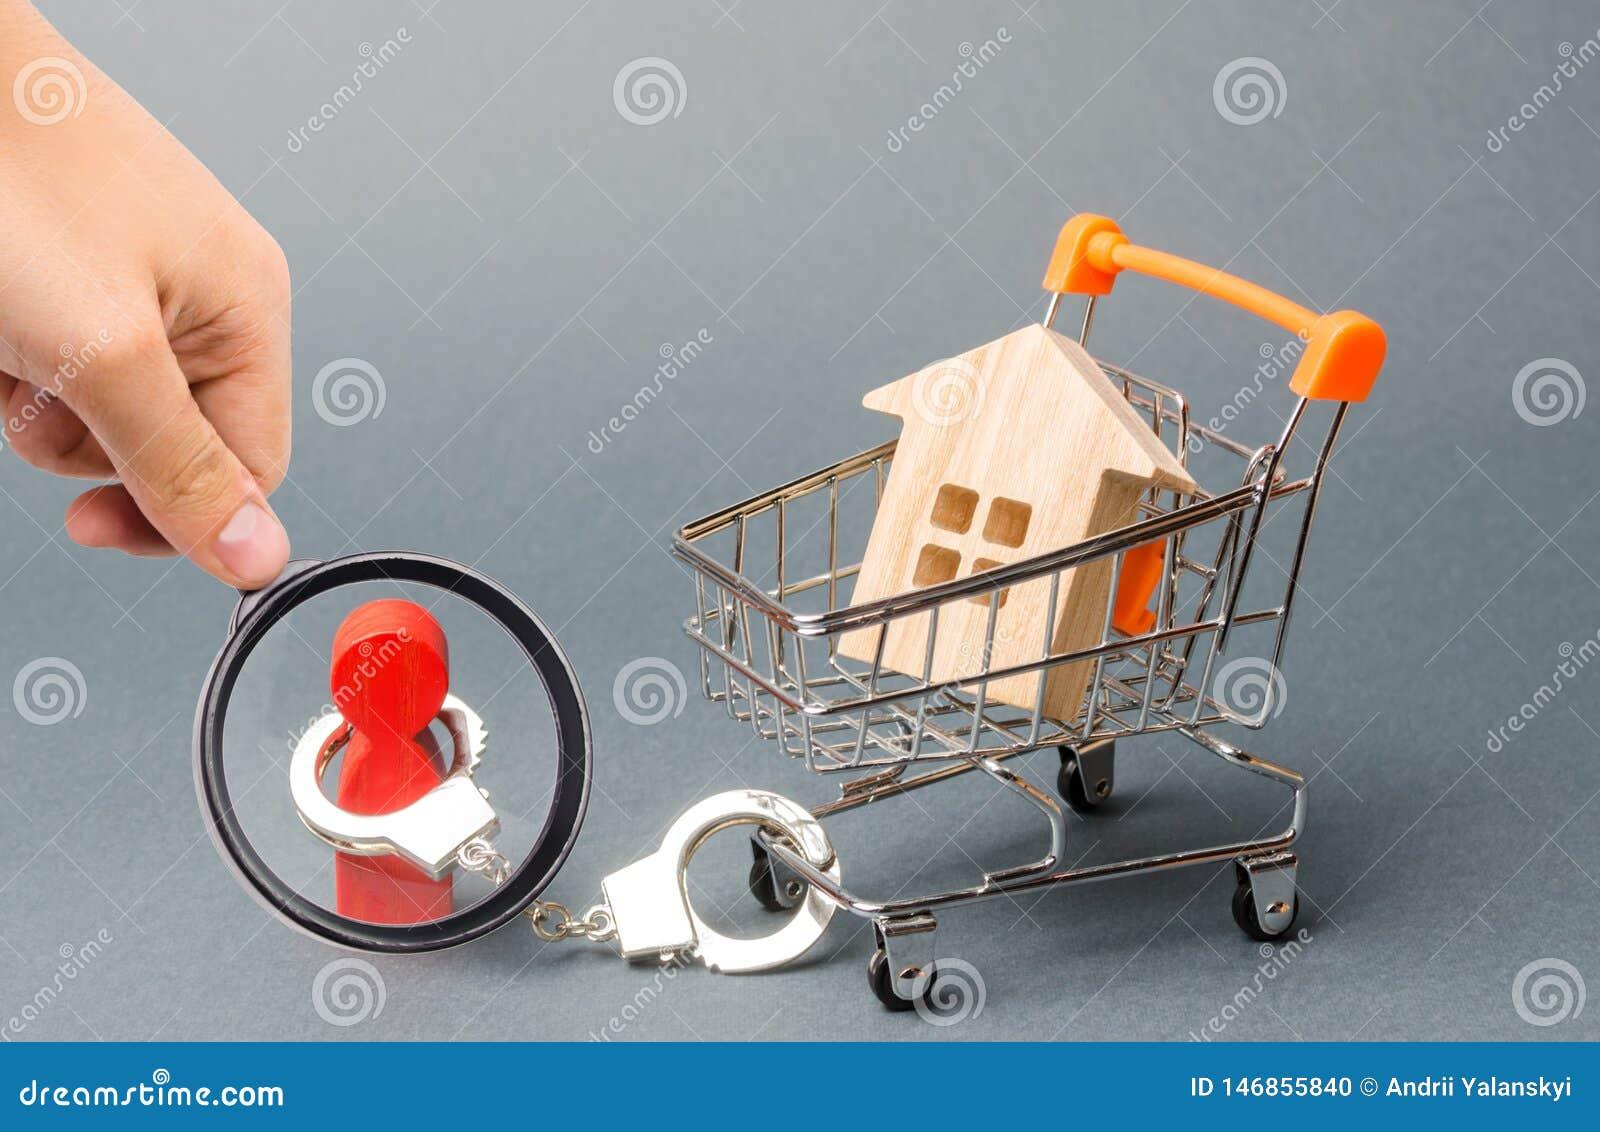 La lupa está mirando a una persona se esposa a una casa en un carro del supermercado Dependencia financiera, vivienda inasequible